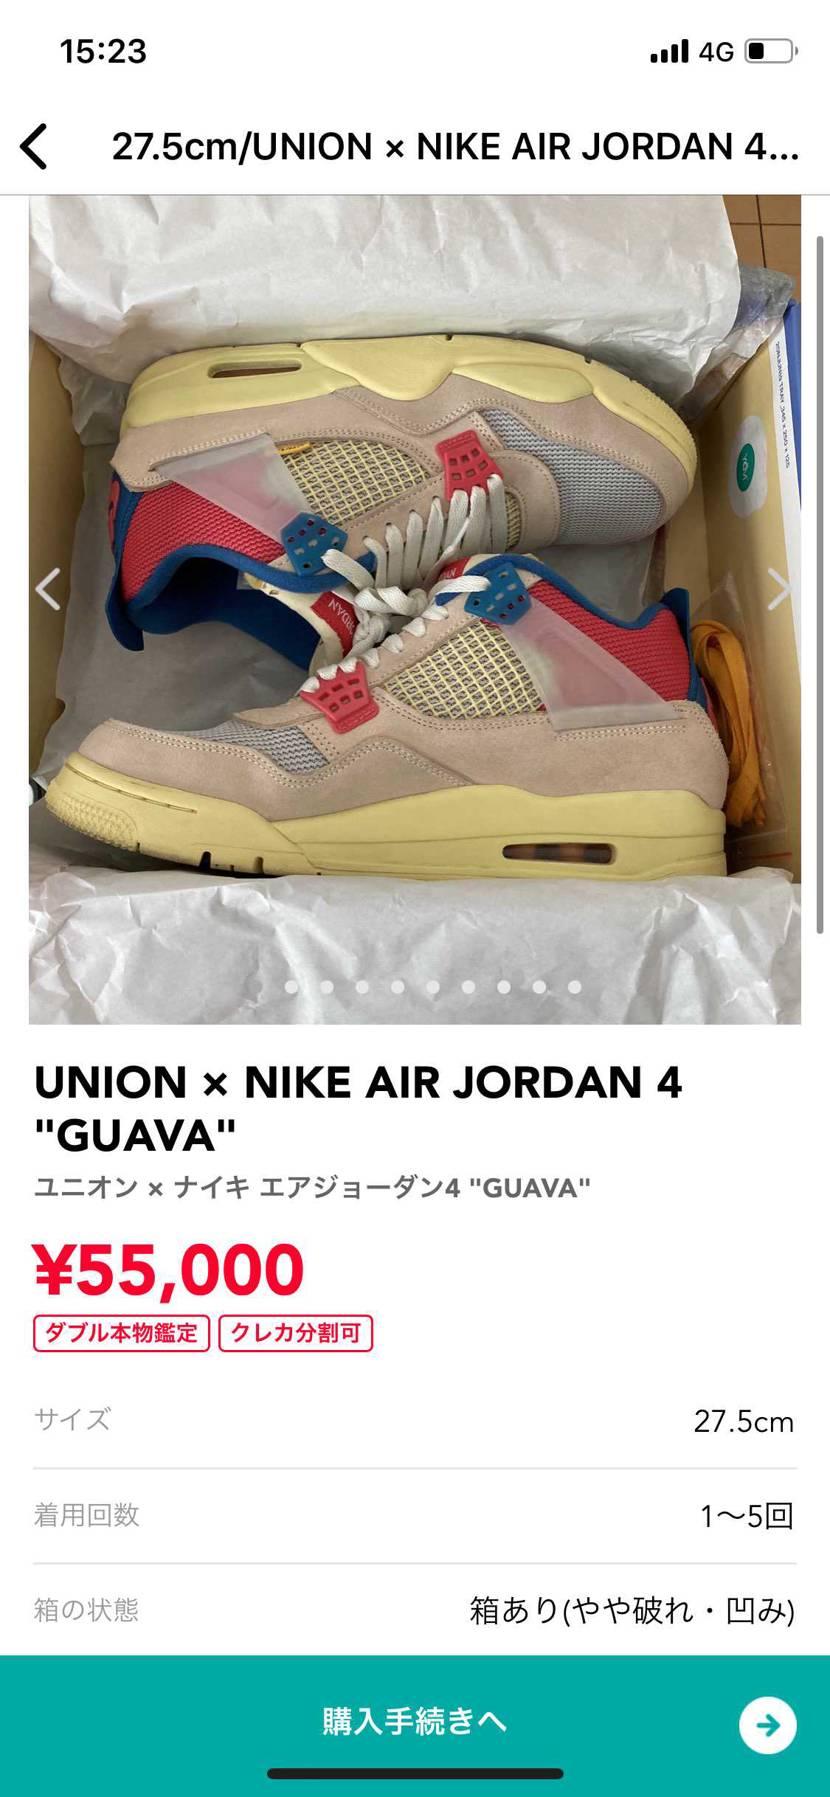 5万円まで値下げをして欲しいです🙇♂️どうかお願いします🙇♂️